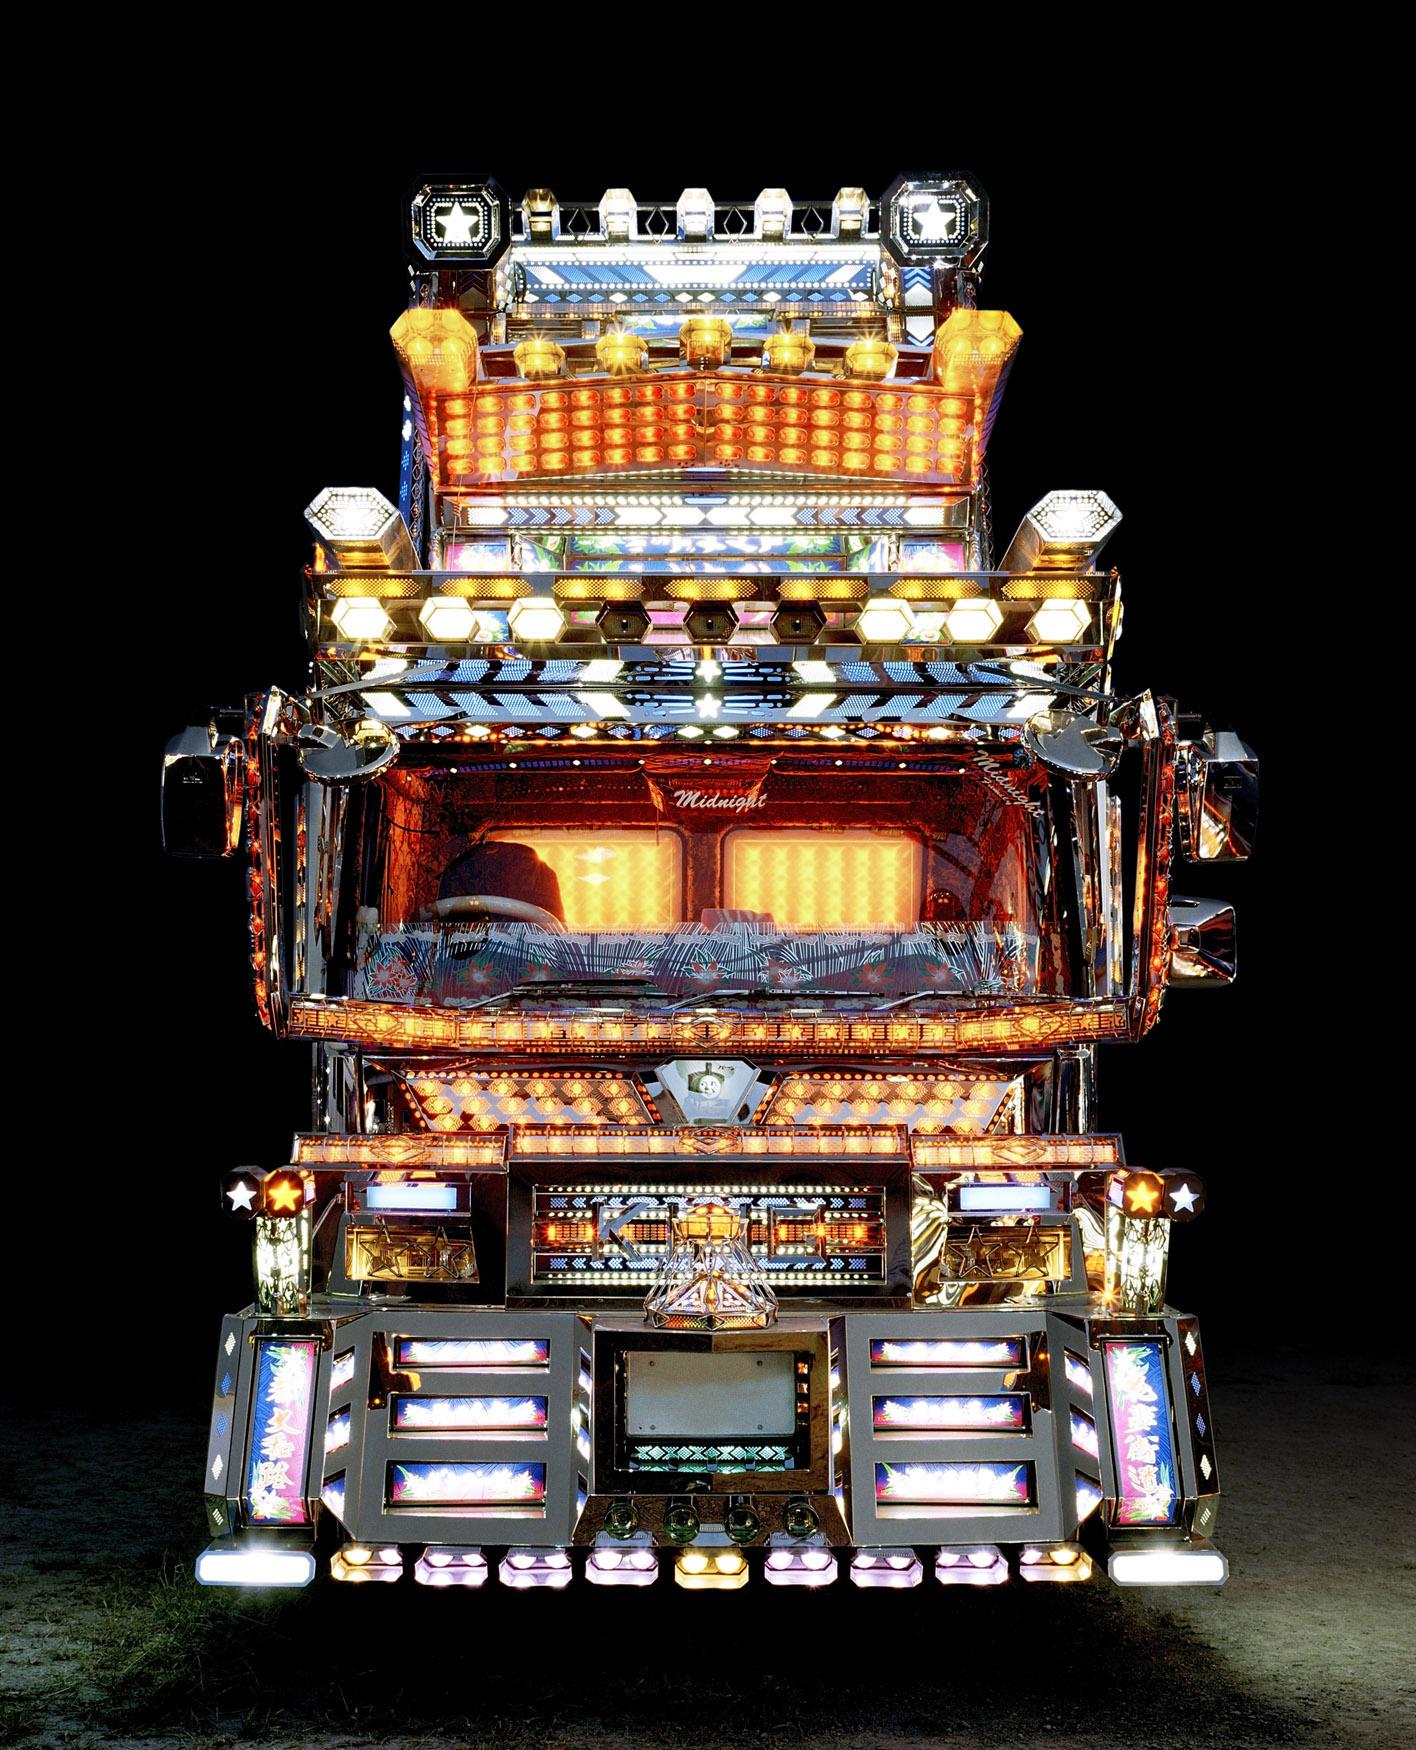 truck_04_low